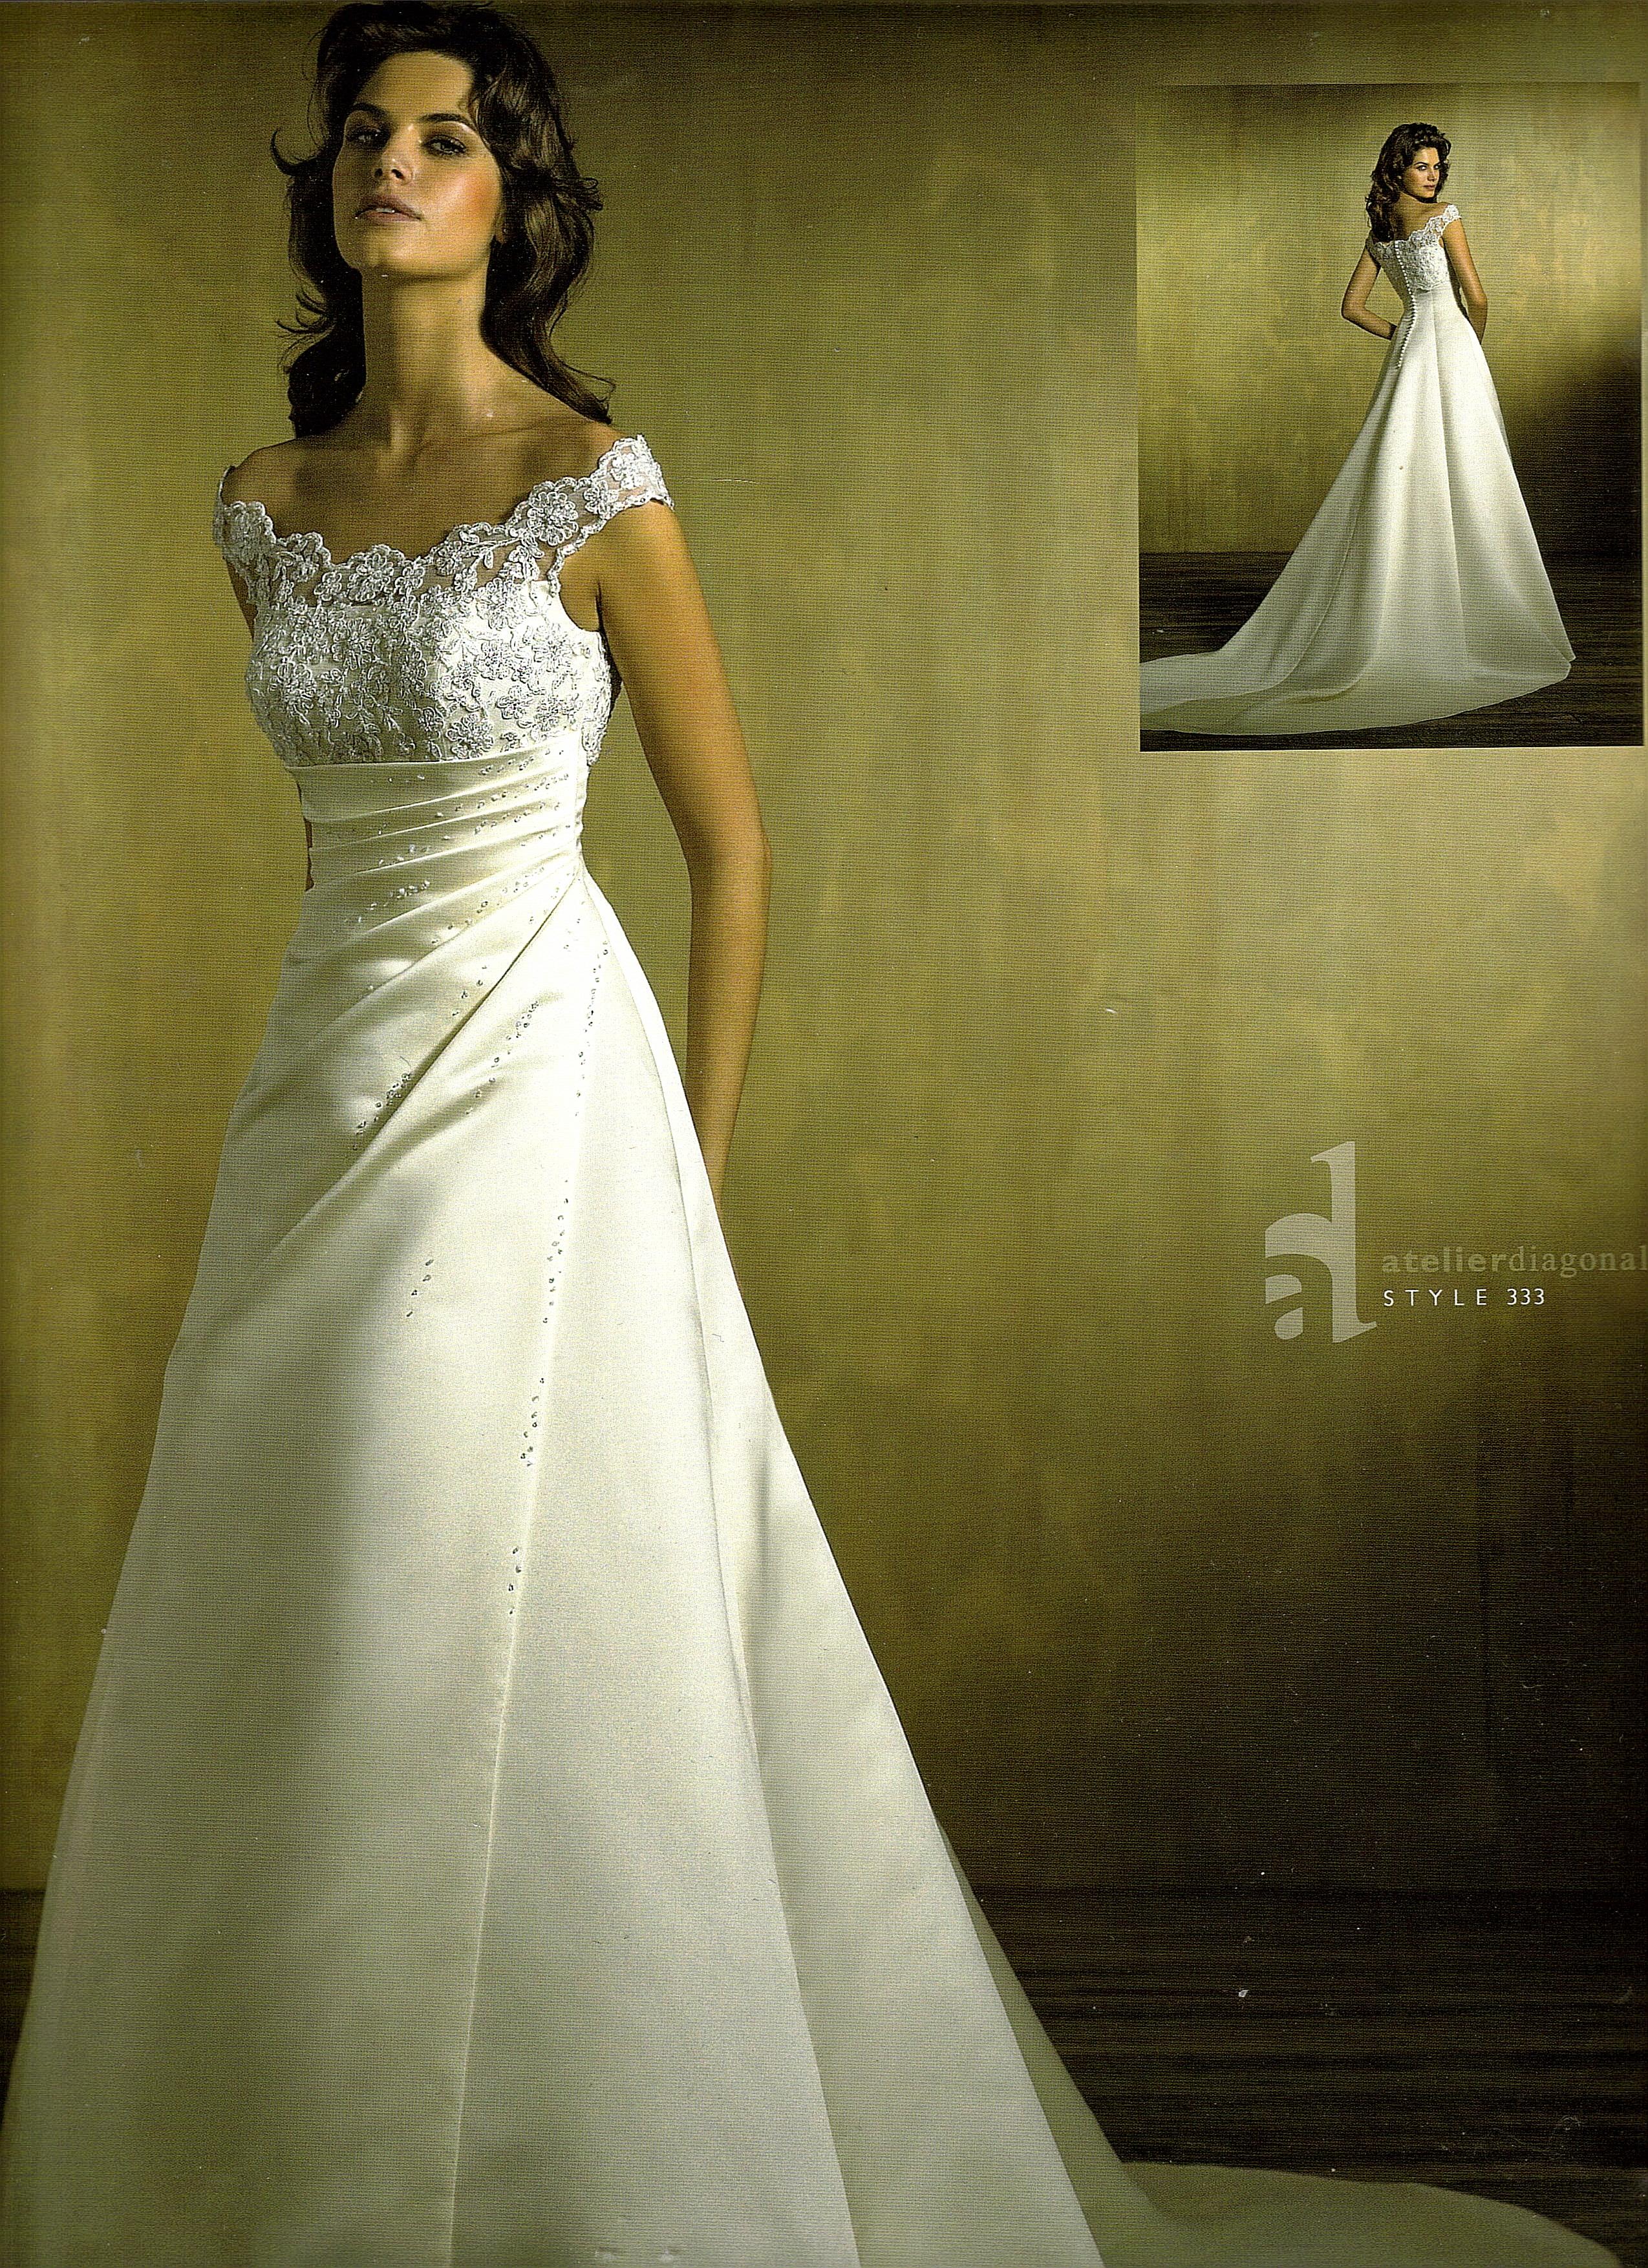 fdc01d6d34 Menyasszonyi ruha (MR333) - Evelin Esküvői Ruhaszalon